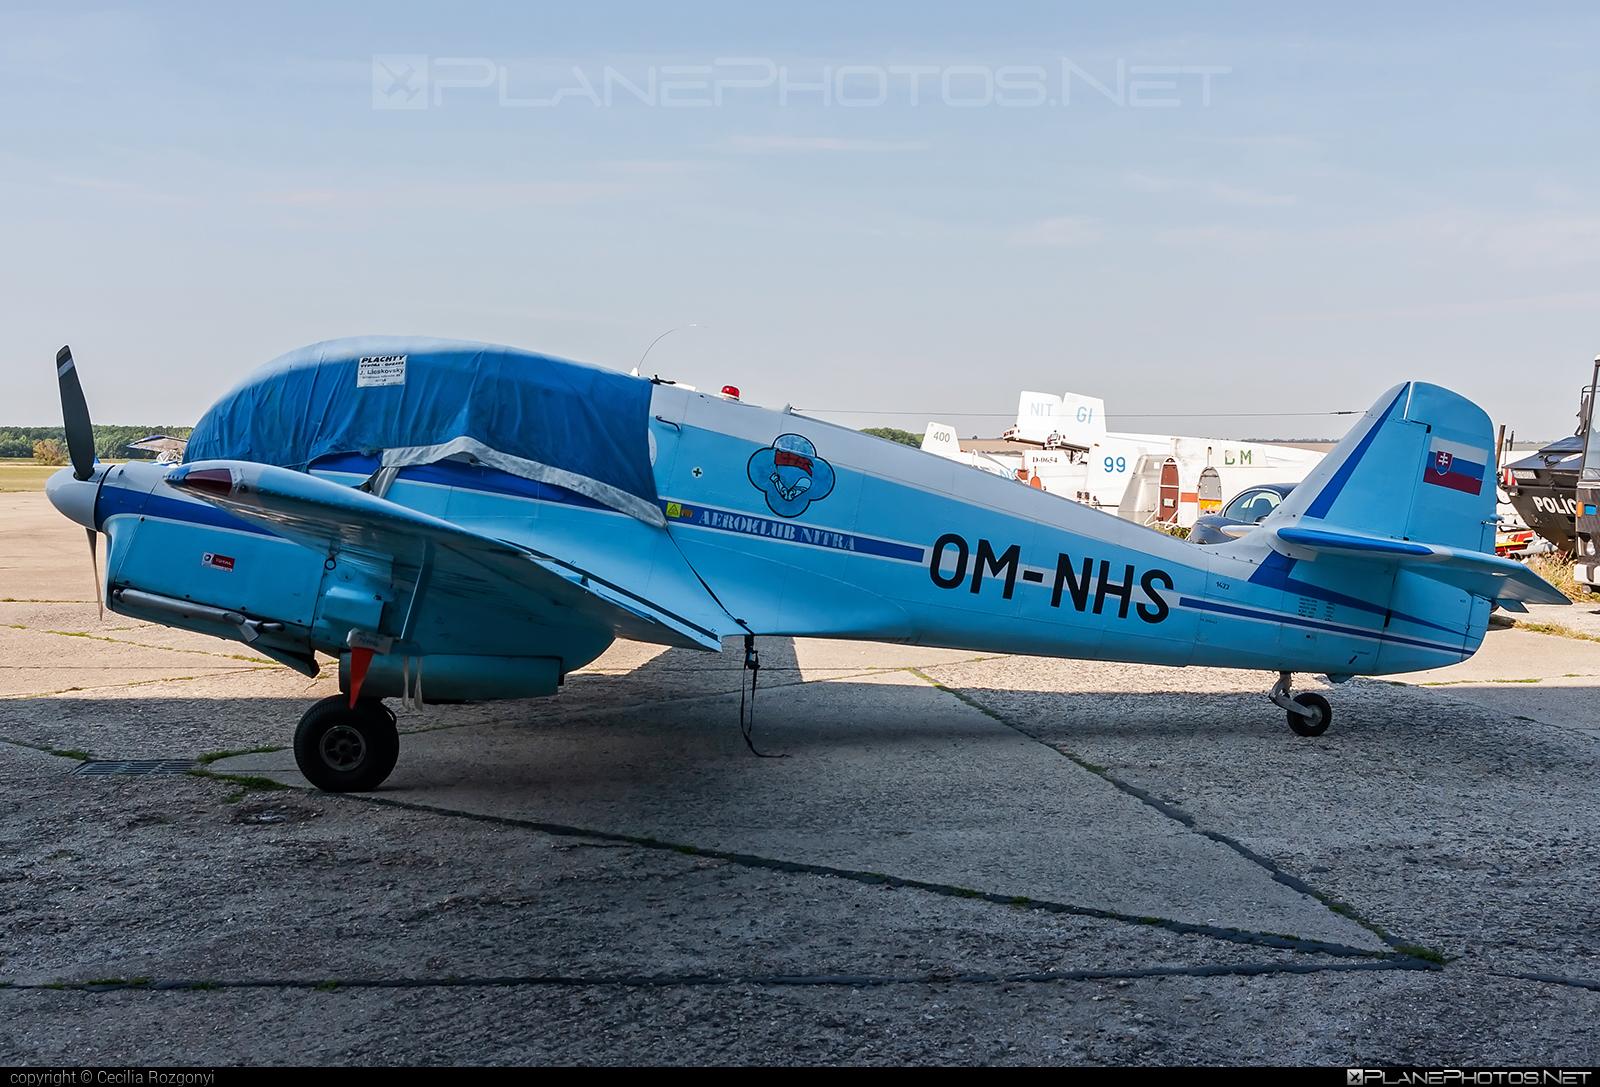 Aero Ae-145 - OM-NHS operated by Slovenský národný aeroklub (Slovak National Aeroclub) #aero